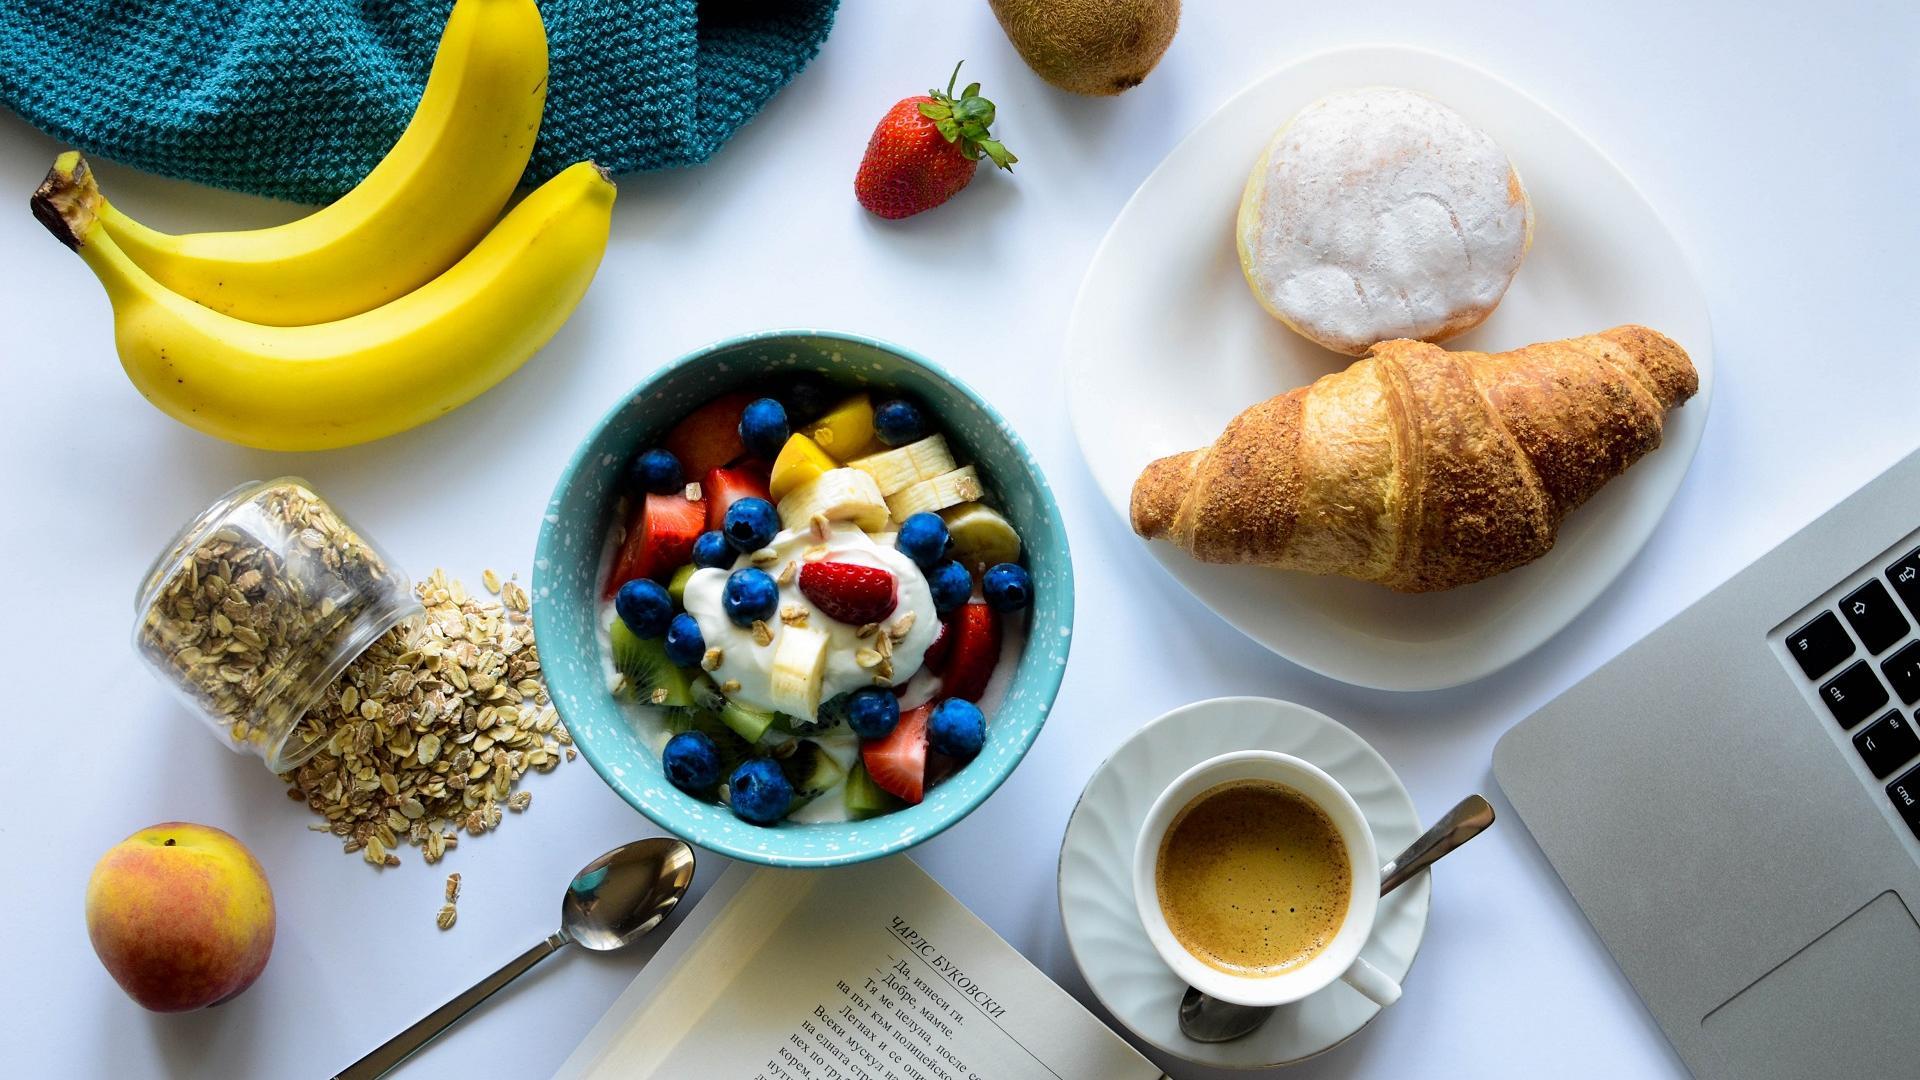 Frühstück am Arbeitsplatz